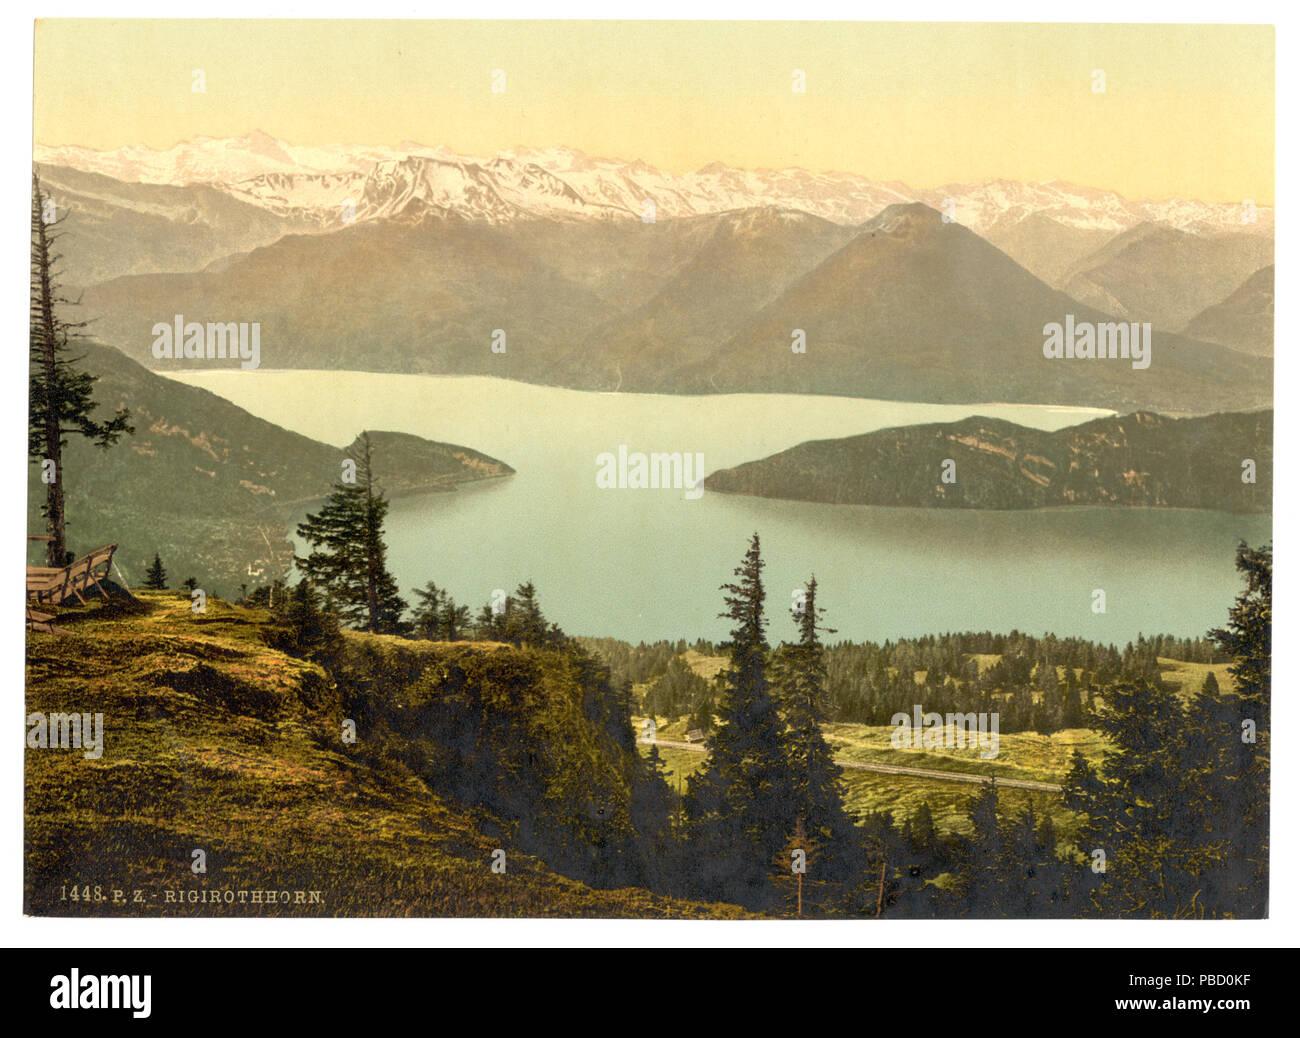 1261 Rigi Rothhorn, vista de Vitznau y los Alpes, Rigi, Suiza-LCCN2001703165 Imagen De Stock